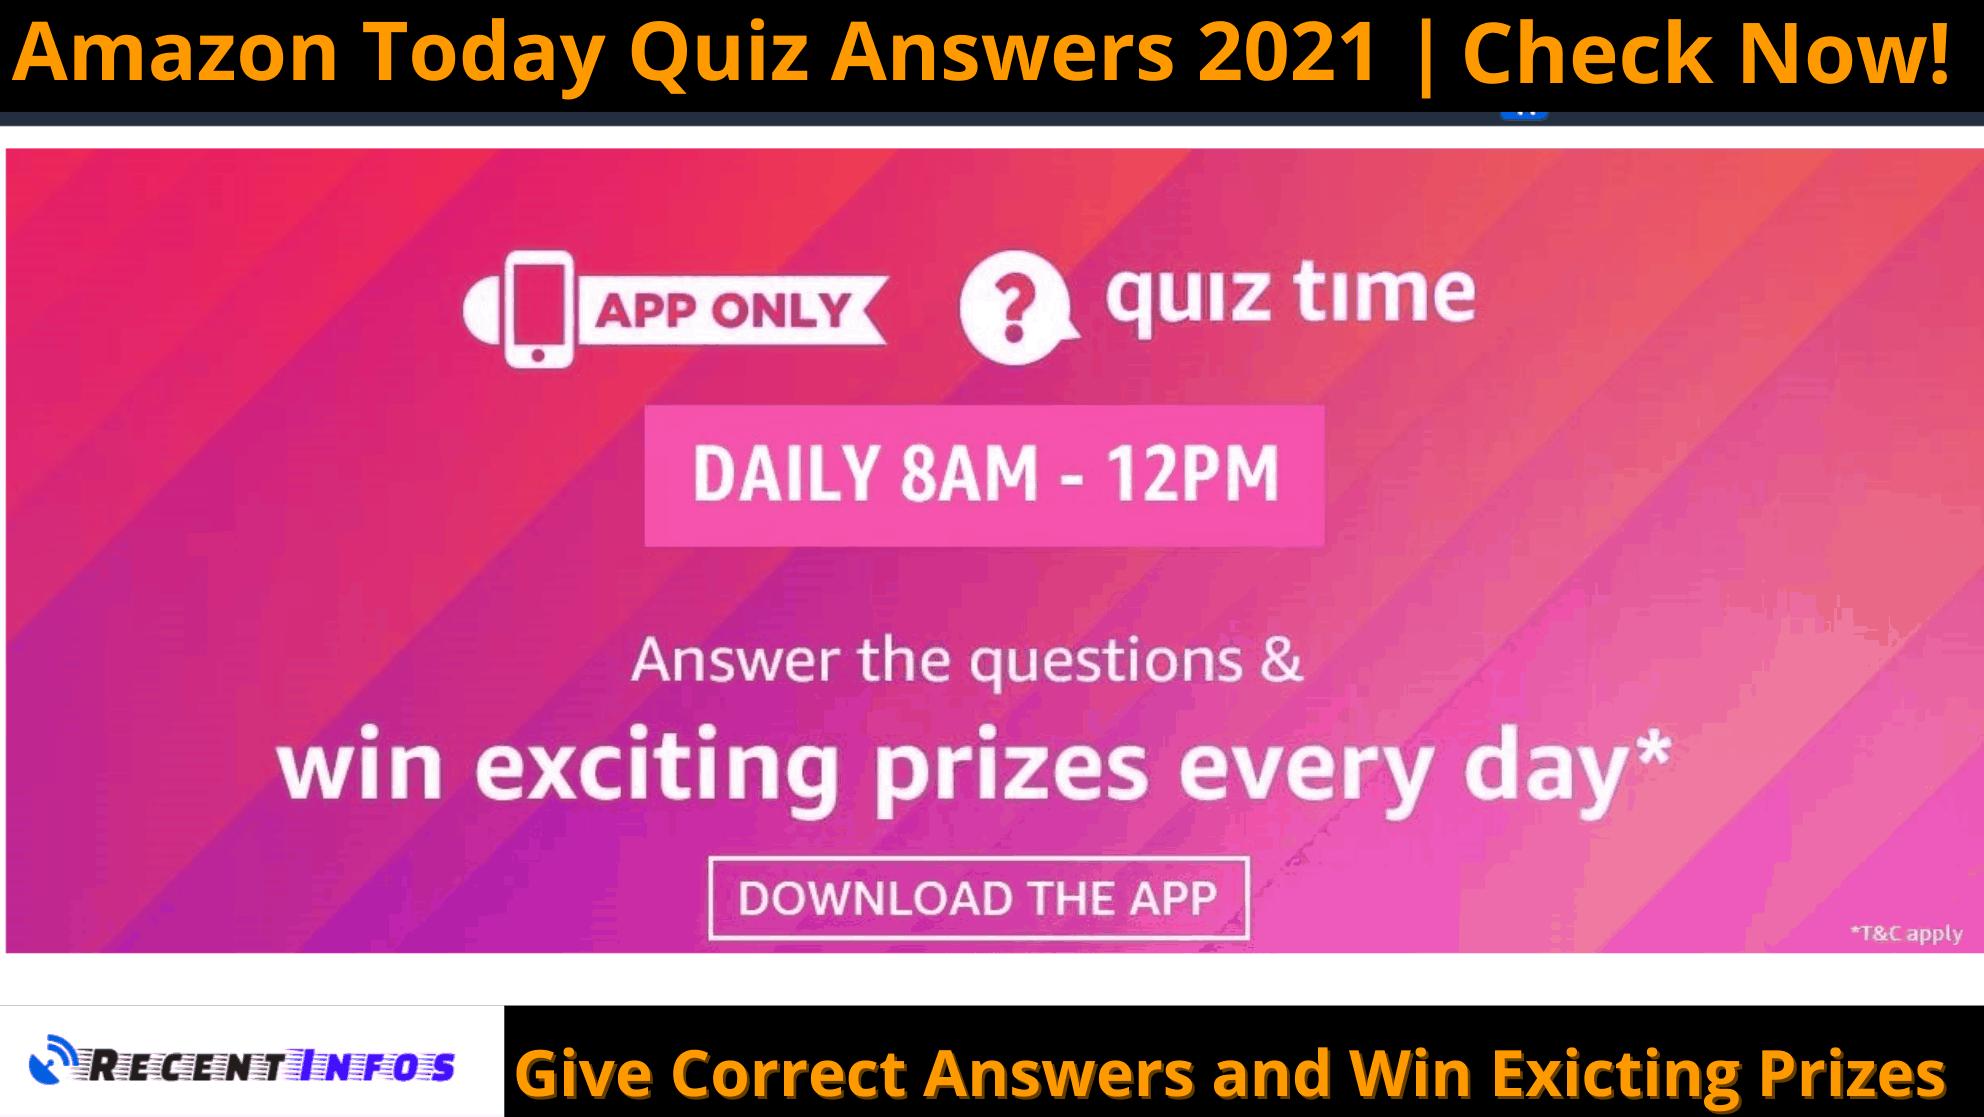 Amazon Today Quiz Answers 2021 (1)